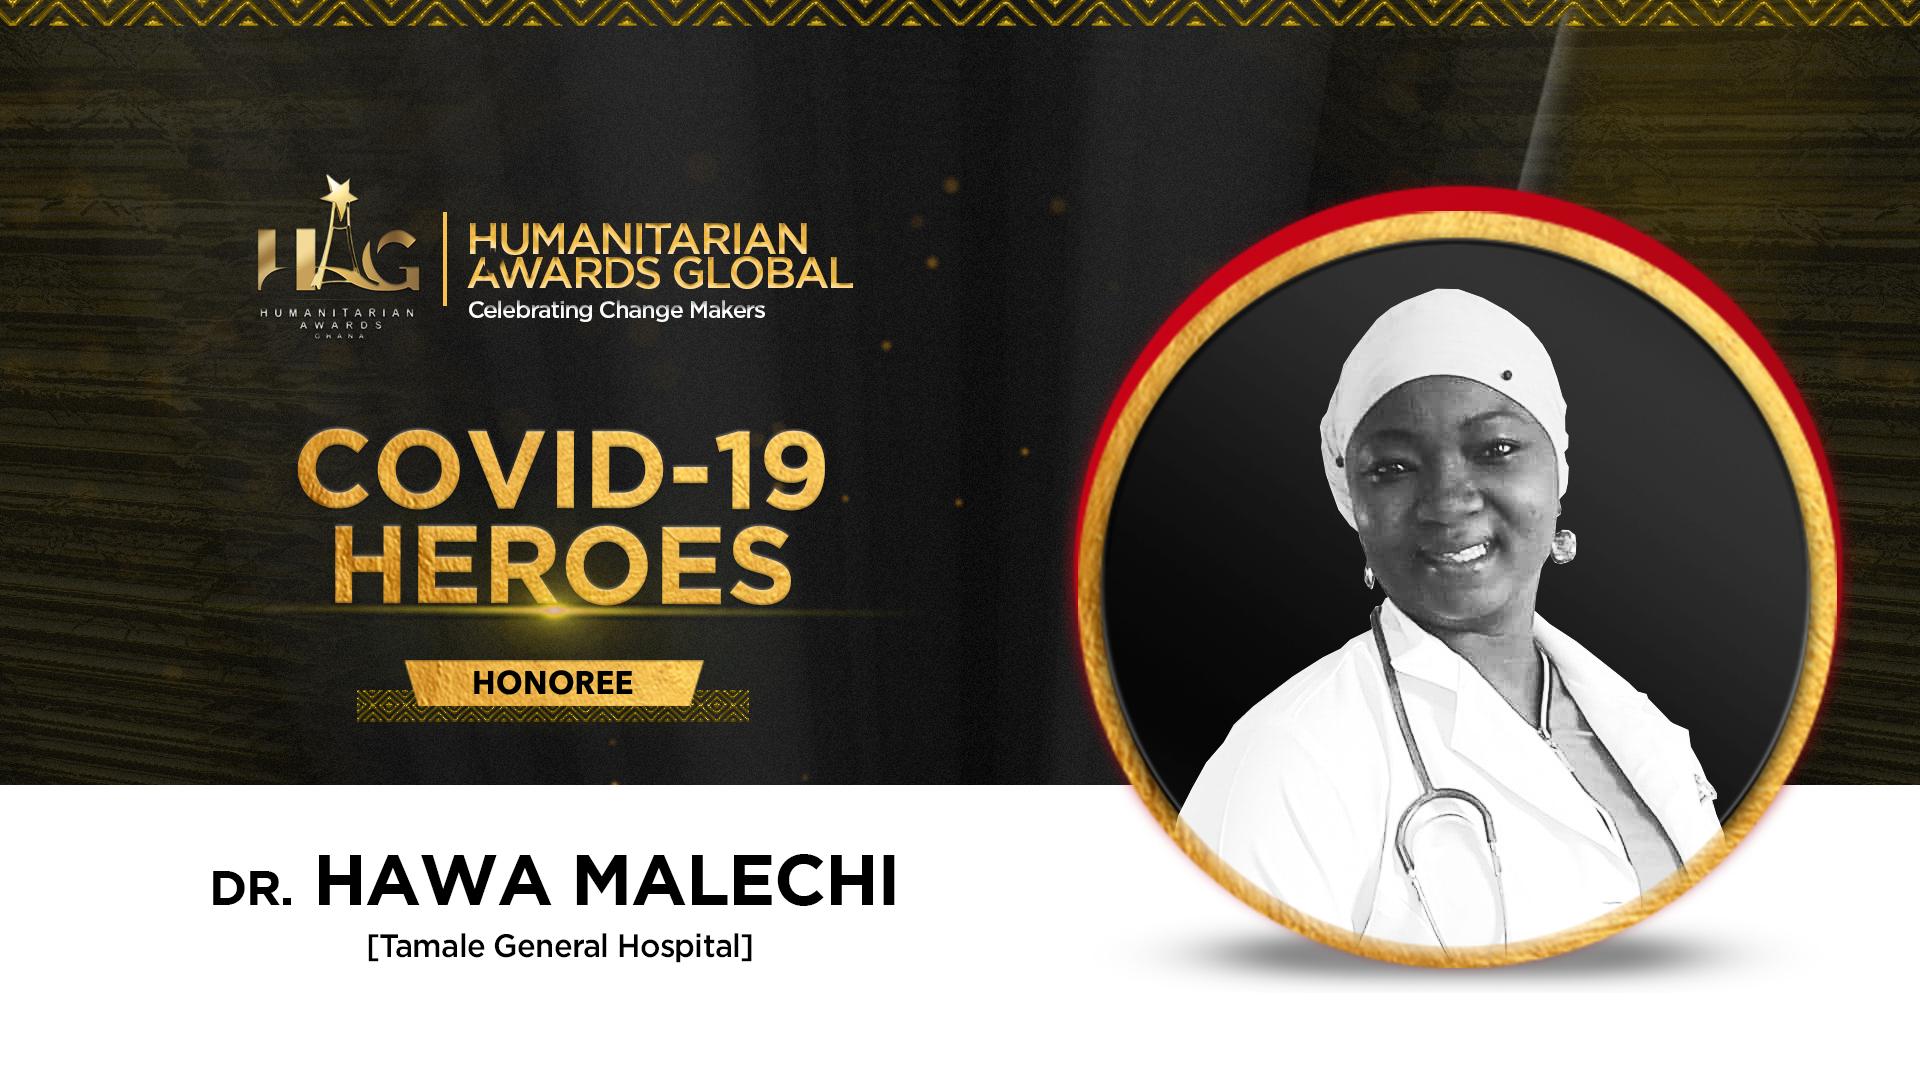 Dr Hawa Malechi To Be Honored As Covid 19 Hero at Humanitarian Awards Global